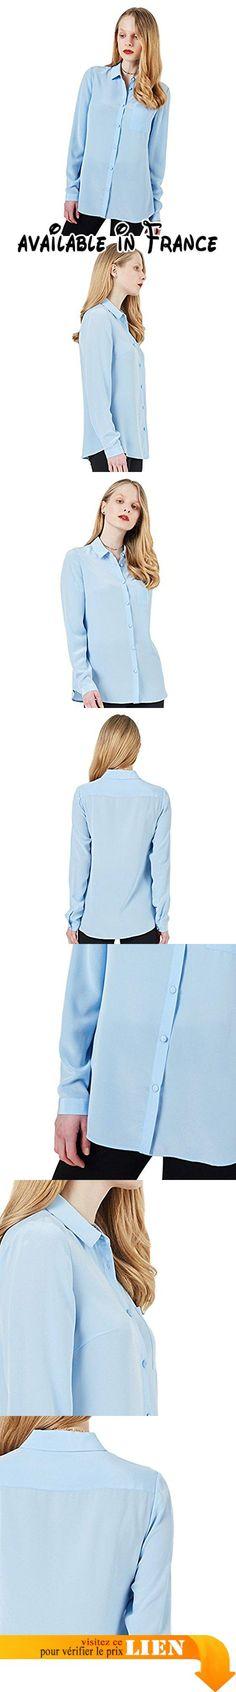 B07218TBL5 : COLD POSH Marque 100% soie chemise femme poche de chemise lâche chemise à manches longues bleu ciel chemise mode chemise unilatérale (L). bleu ciel adapté à une variété d'occasions frais et élégant.. À manches longues poches unilatérales revers sont des éléments de conception les plus populaires.. un matériau 100% soie en augmentant les vêtements de douceur et de confort.. Peut être utilisé avec différentes couleurs de vêtements à porter